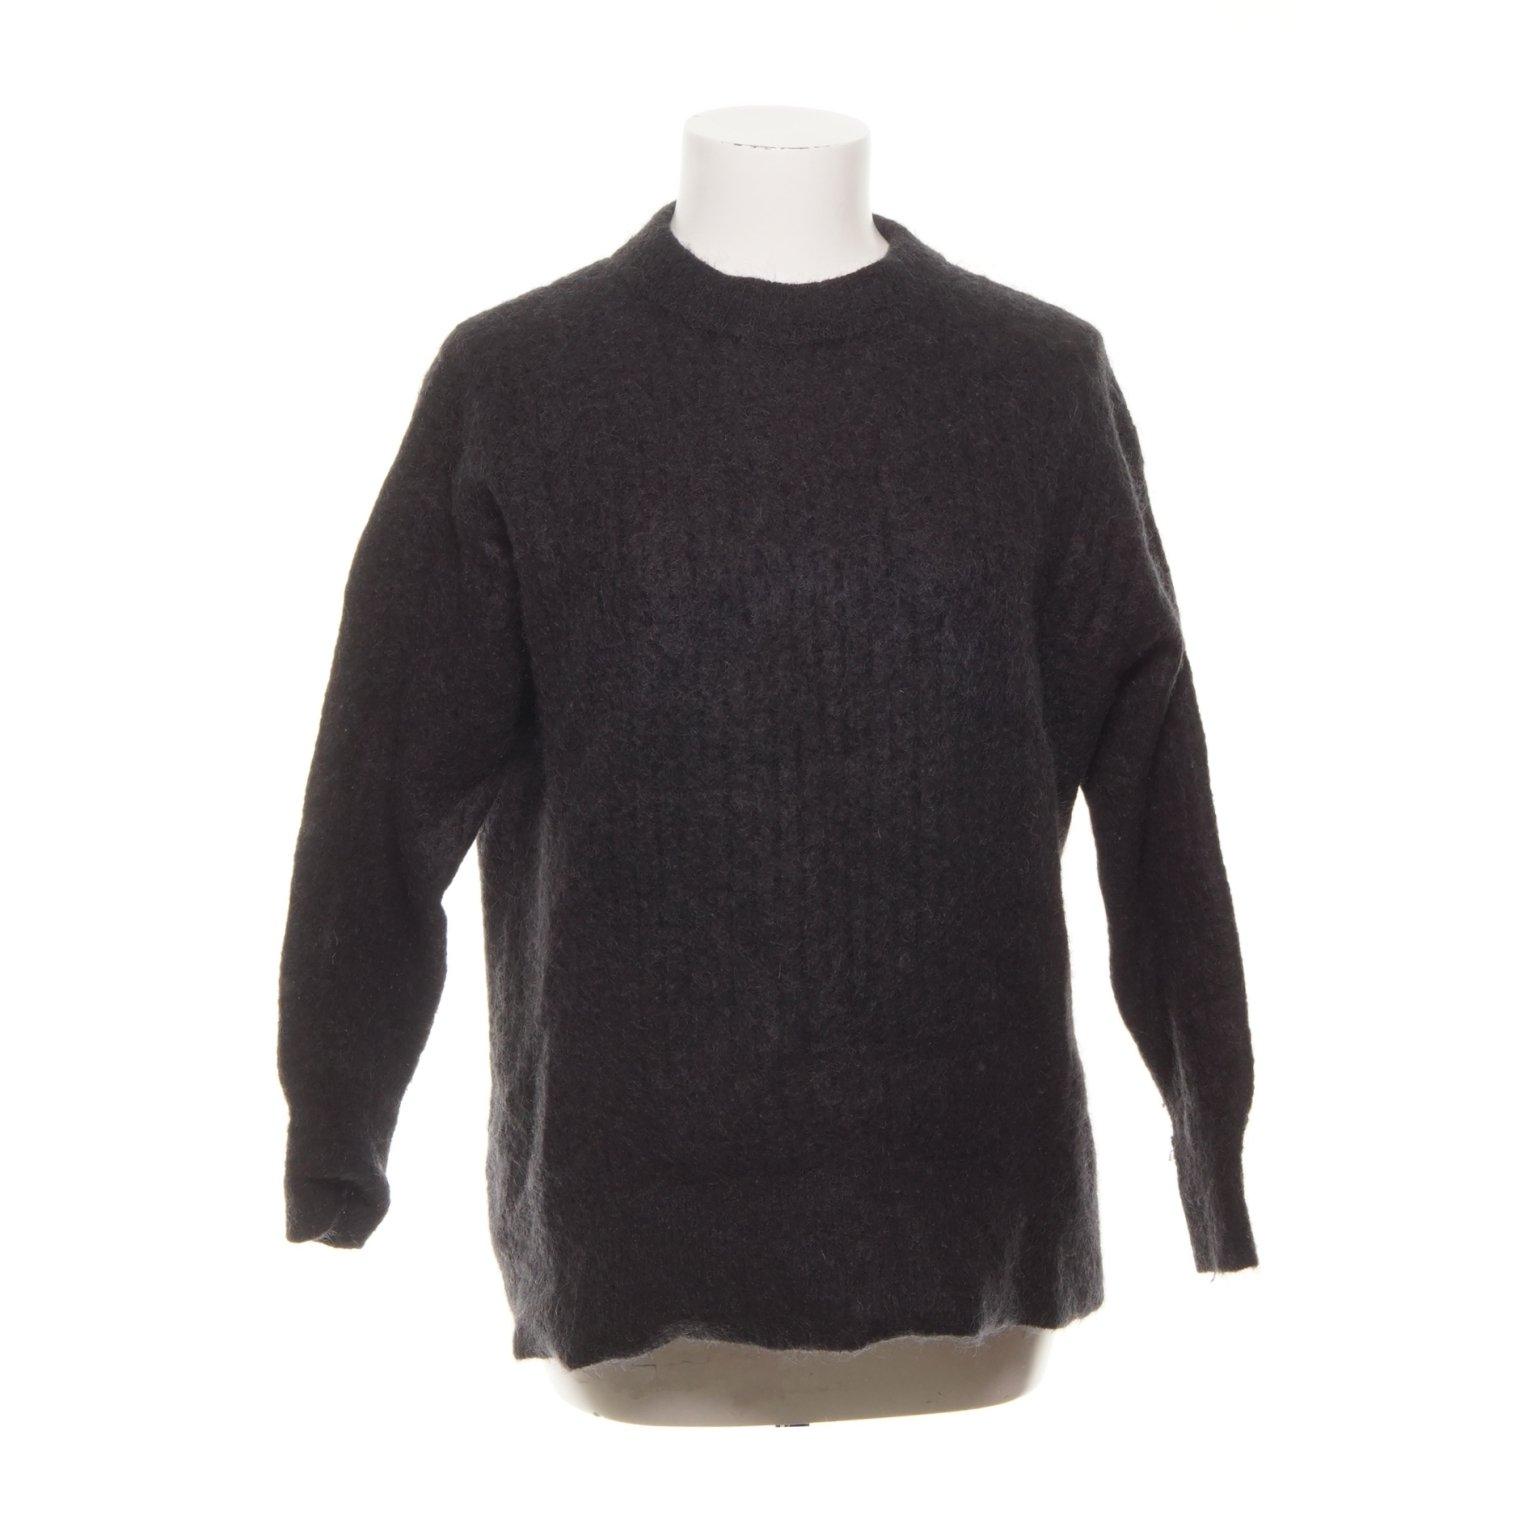 svart mohair tröja